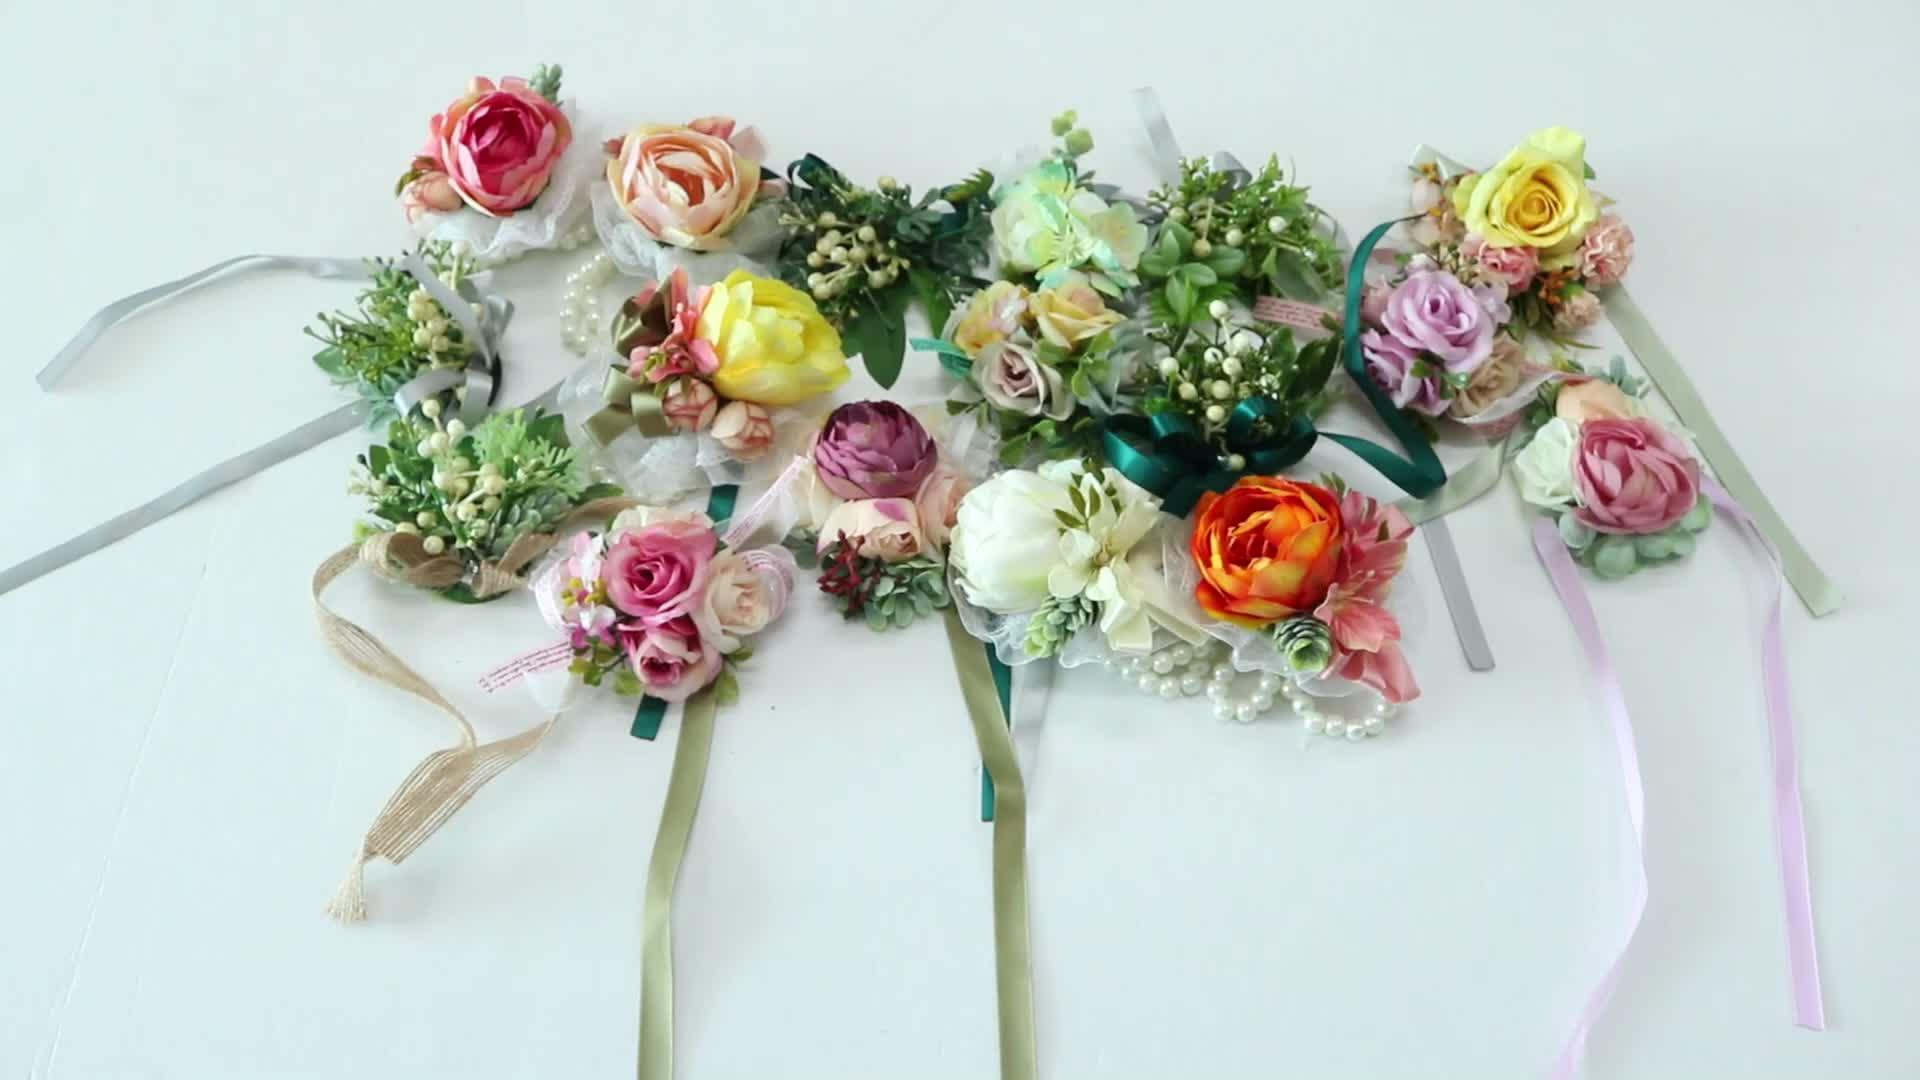 Белое кружево украшения Моделирование цветок запястье двойной жемчужина цепи свадебные наручные Цветы